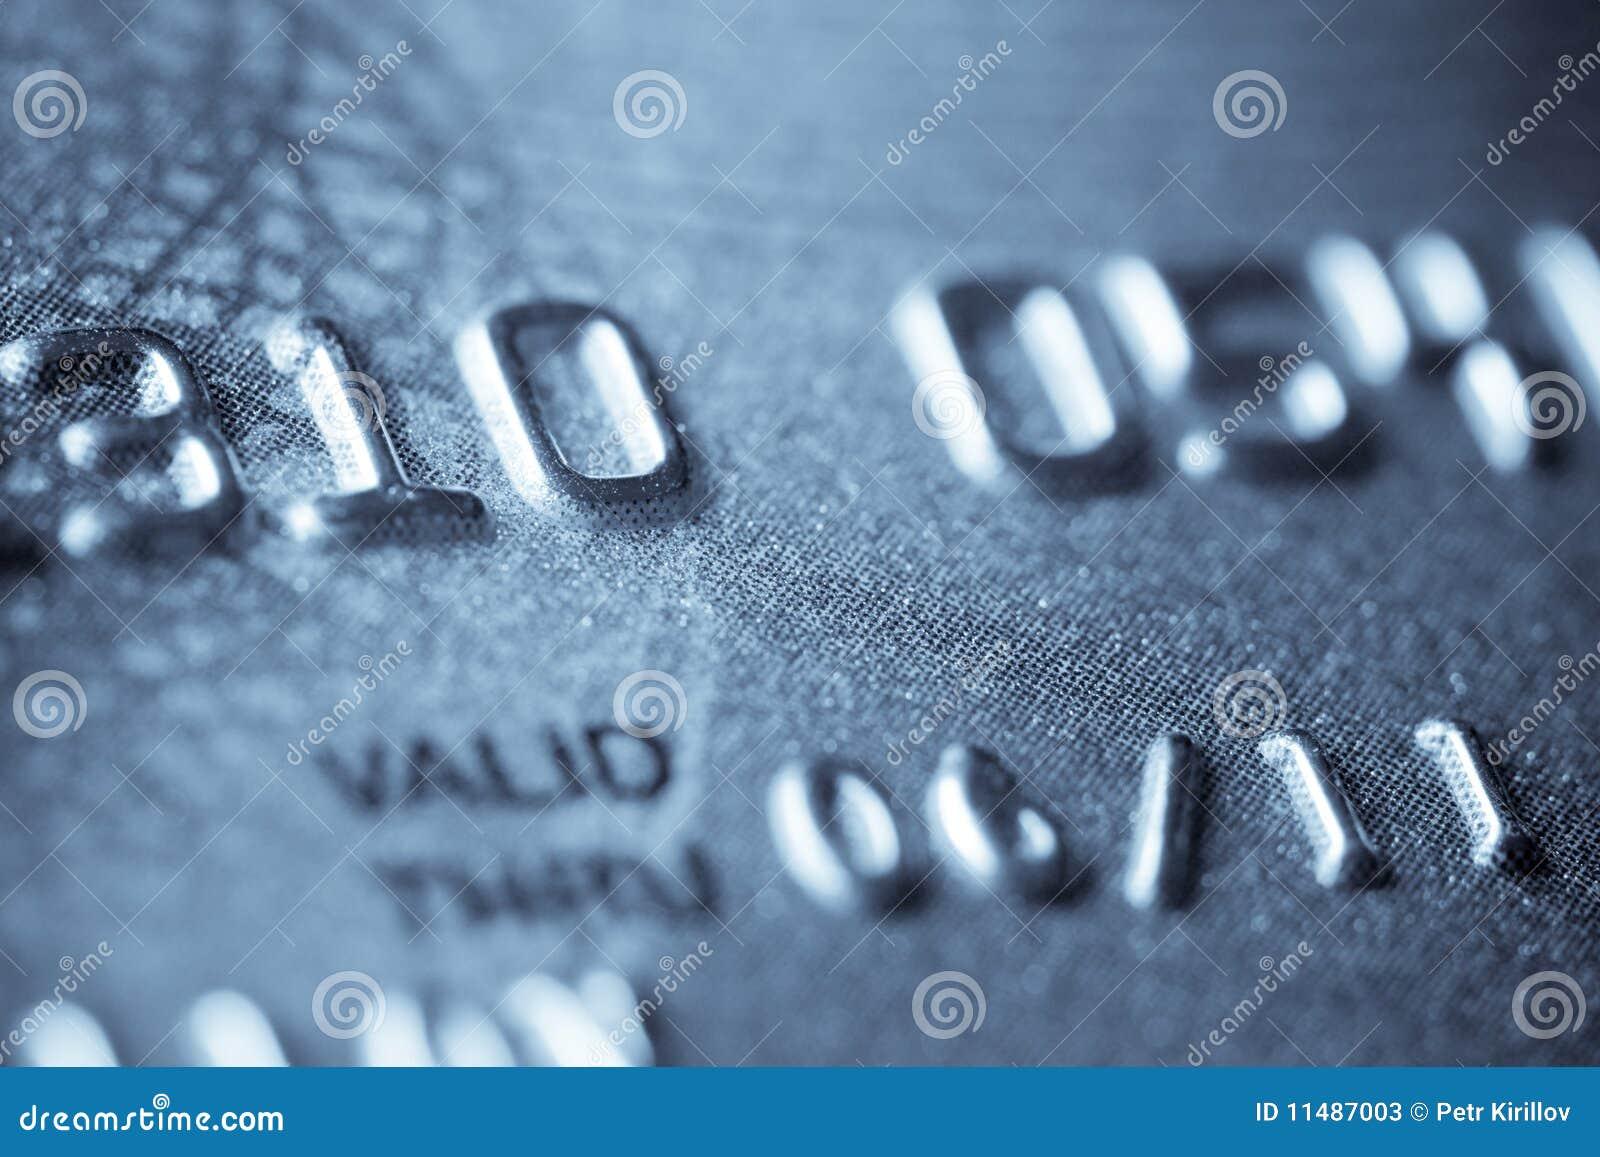 Macro spruit van een creditcard